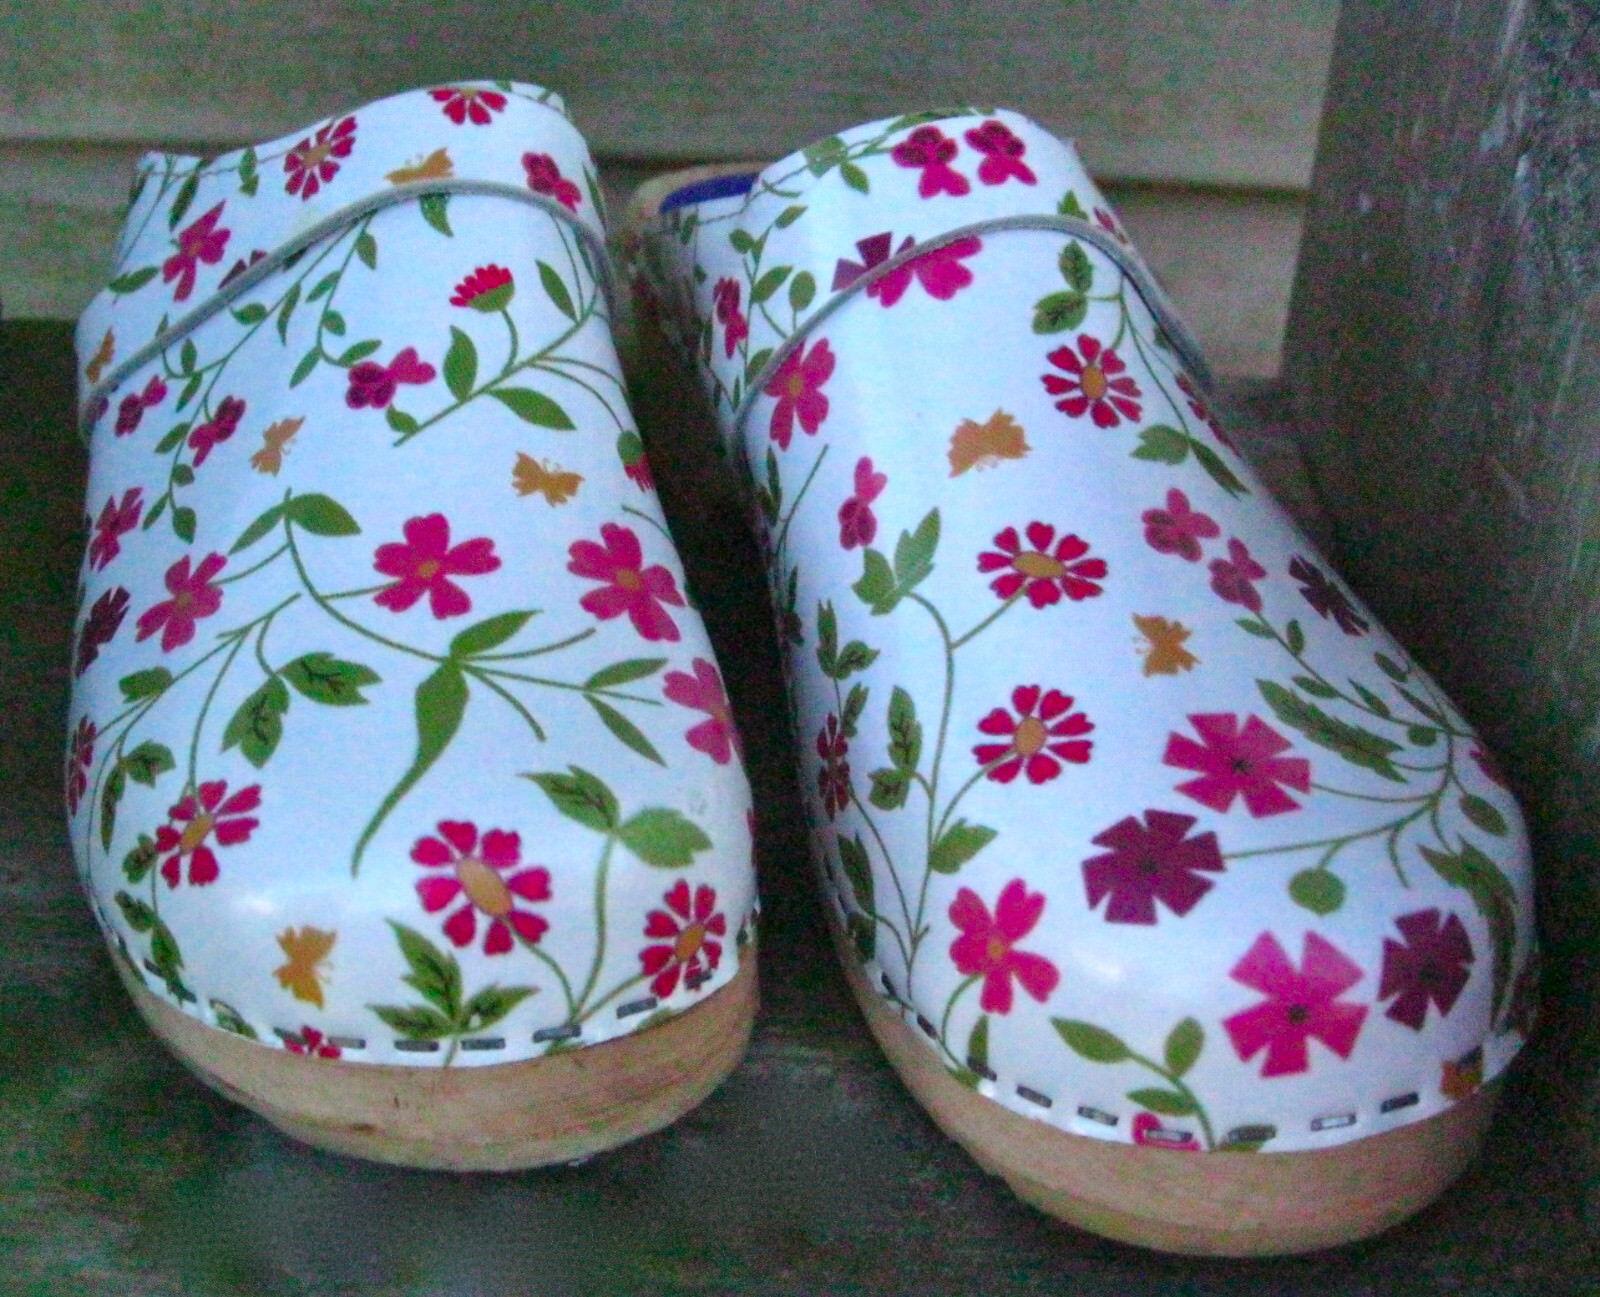 Cape Clogs Clogs White Floral Leather Clogs Cape 39 8.5 Sweden Shoes Mules Stapled EUC f1b4da